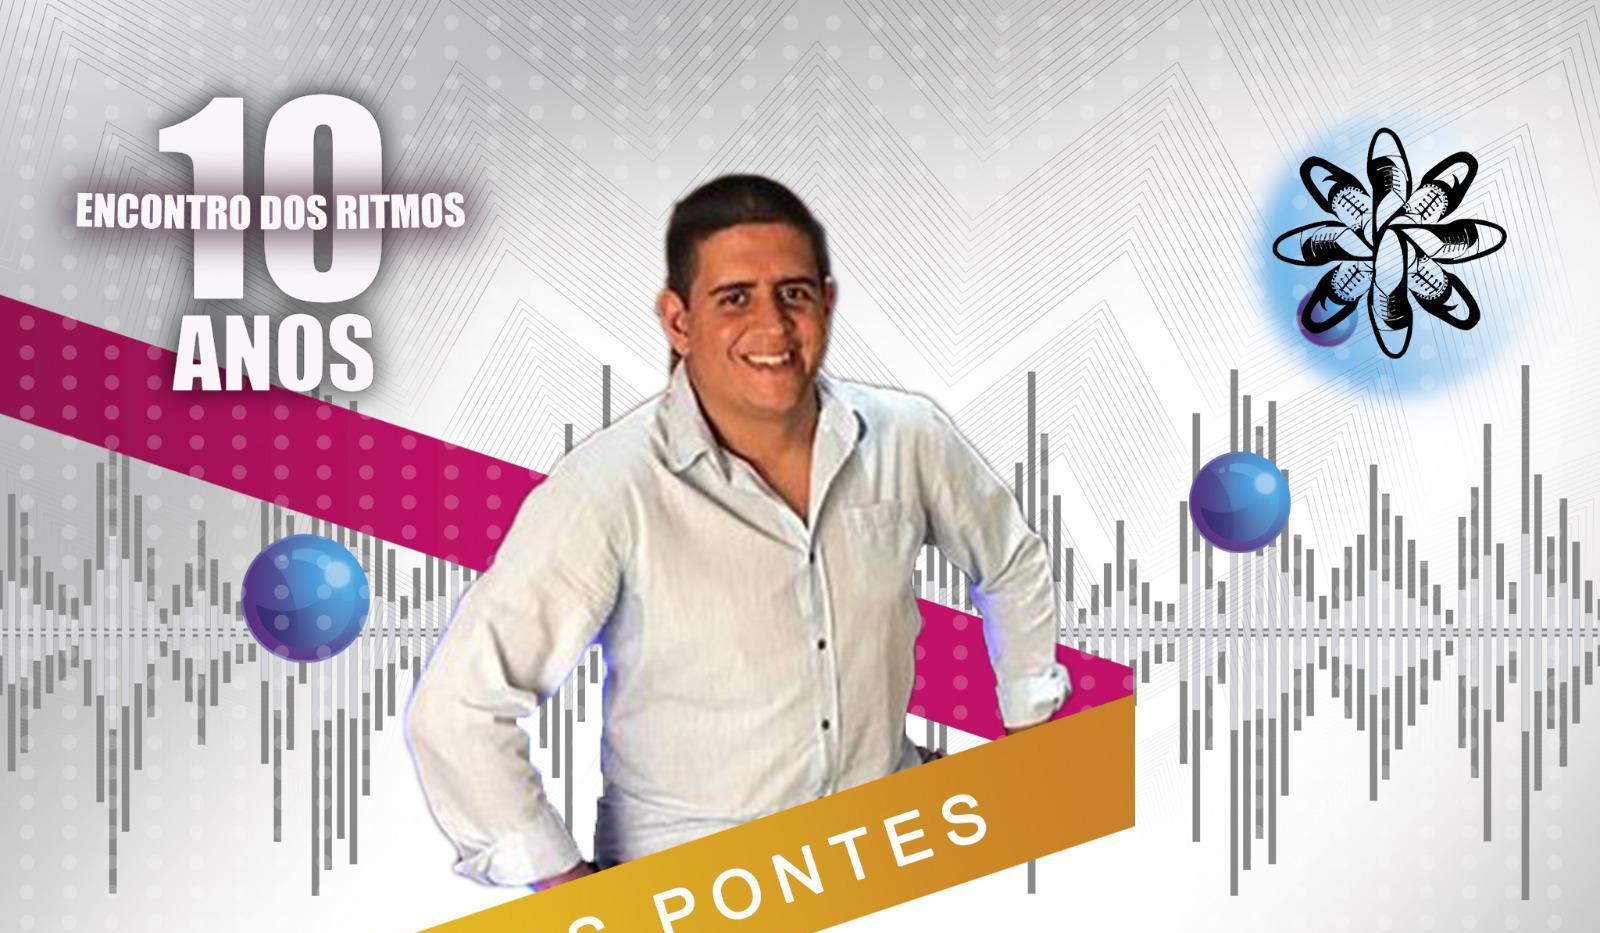 ELIAS PONTES